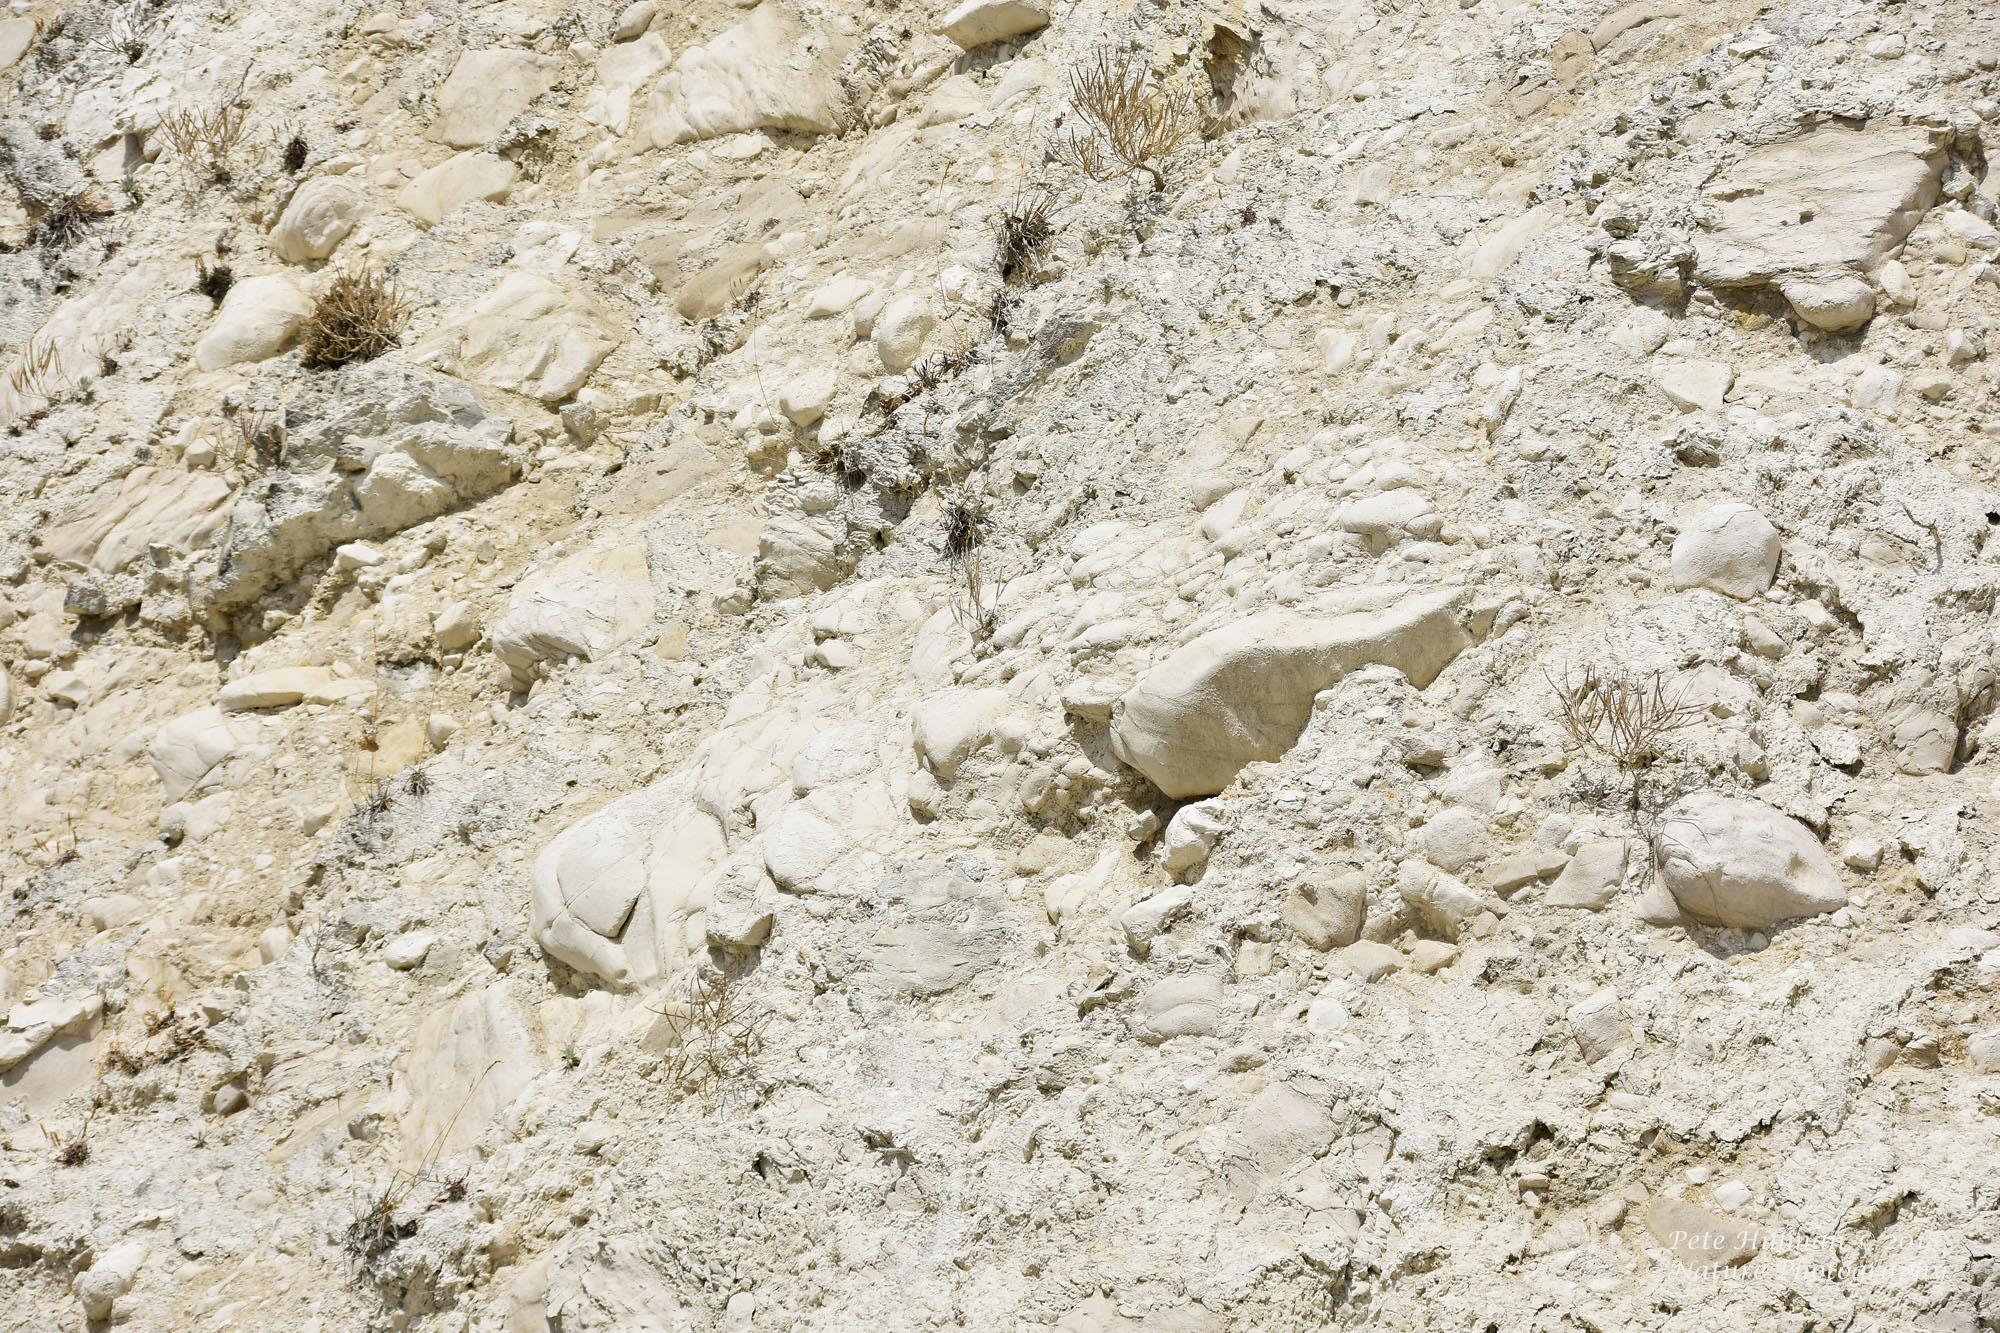 Ventnor Chalk Cliffs